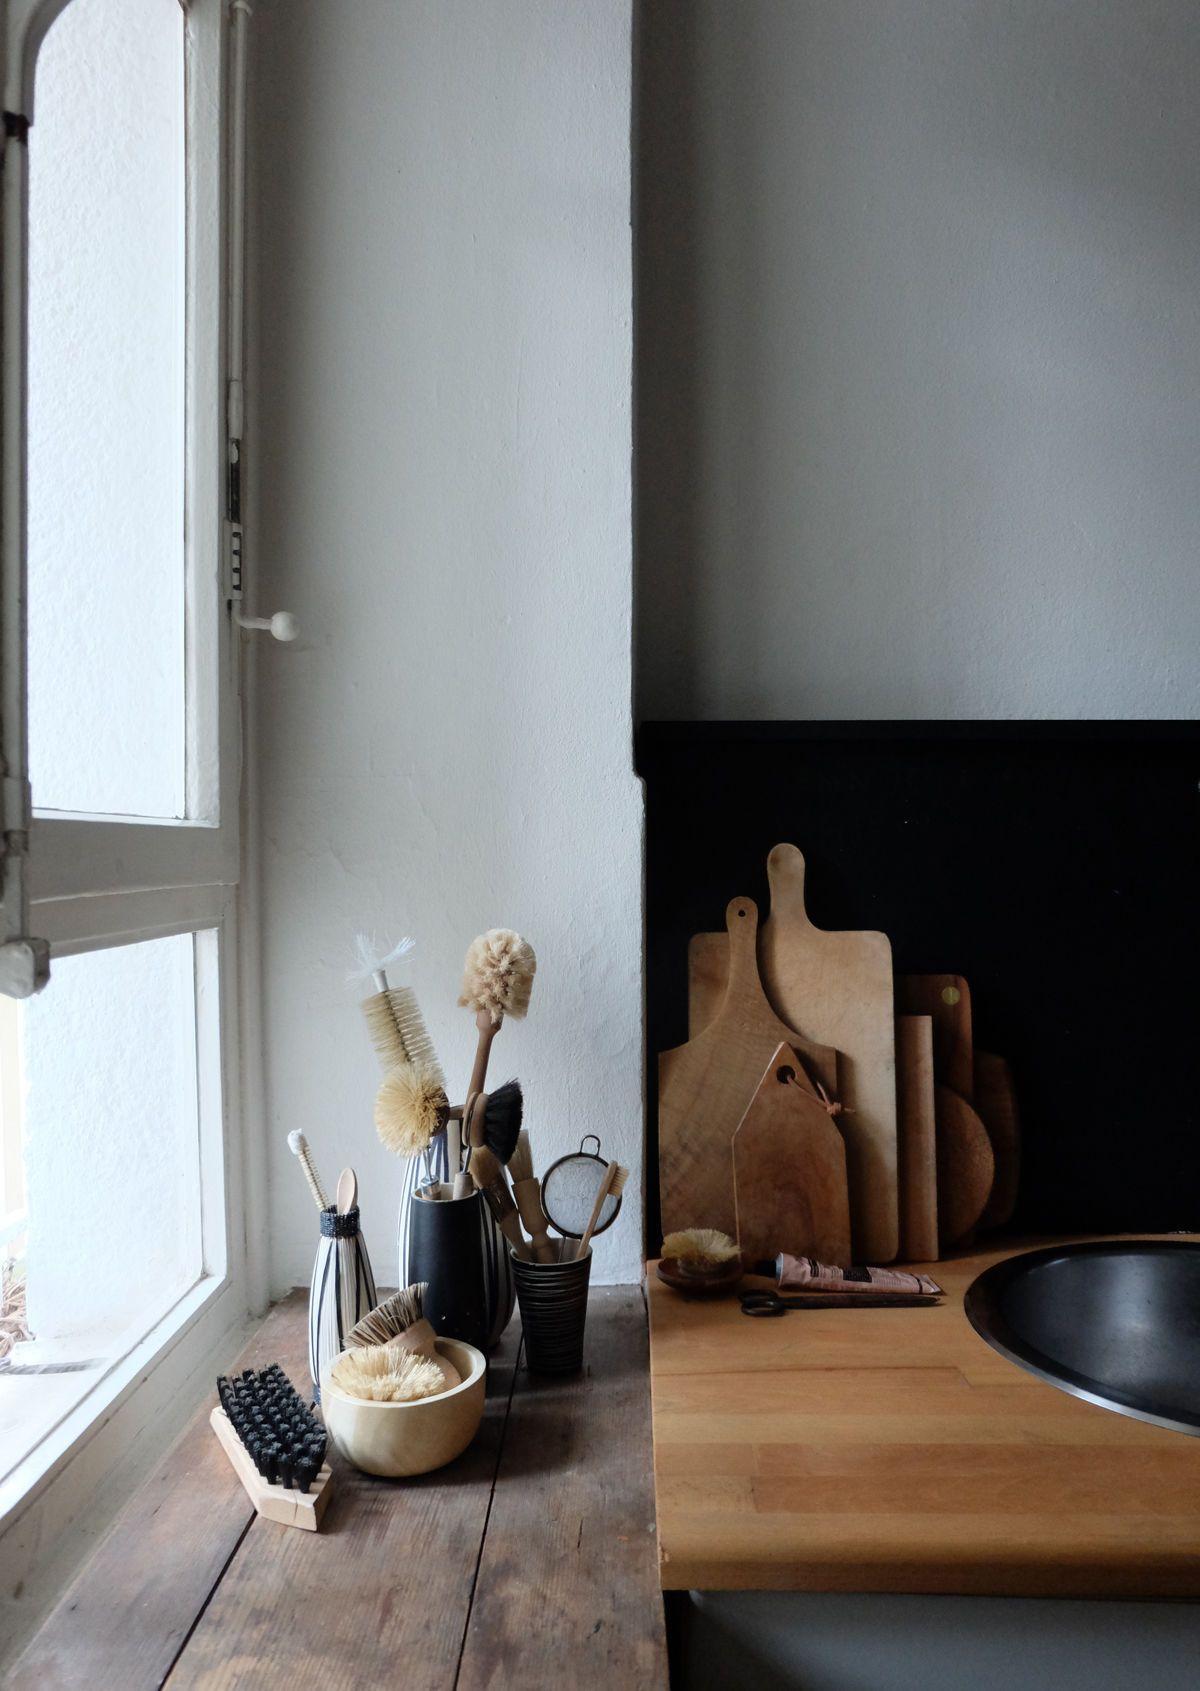 Full Size of Wanddeko Küche Modern Kleine Einbauküche Schmales Regal Kleiner Tisch Deckenleuchten Müllschrank Singleküche Waschbecken Edelstahlküche Gebraucht Wohnzimmer Wanddeko Küche Modern